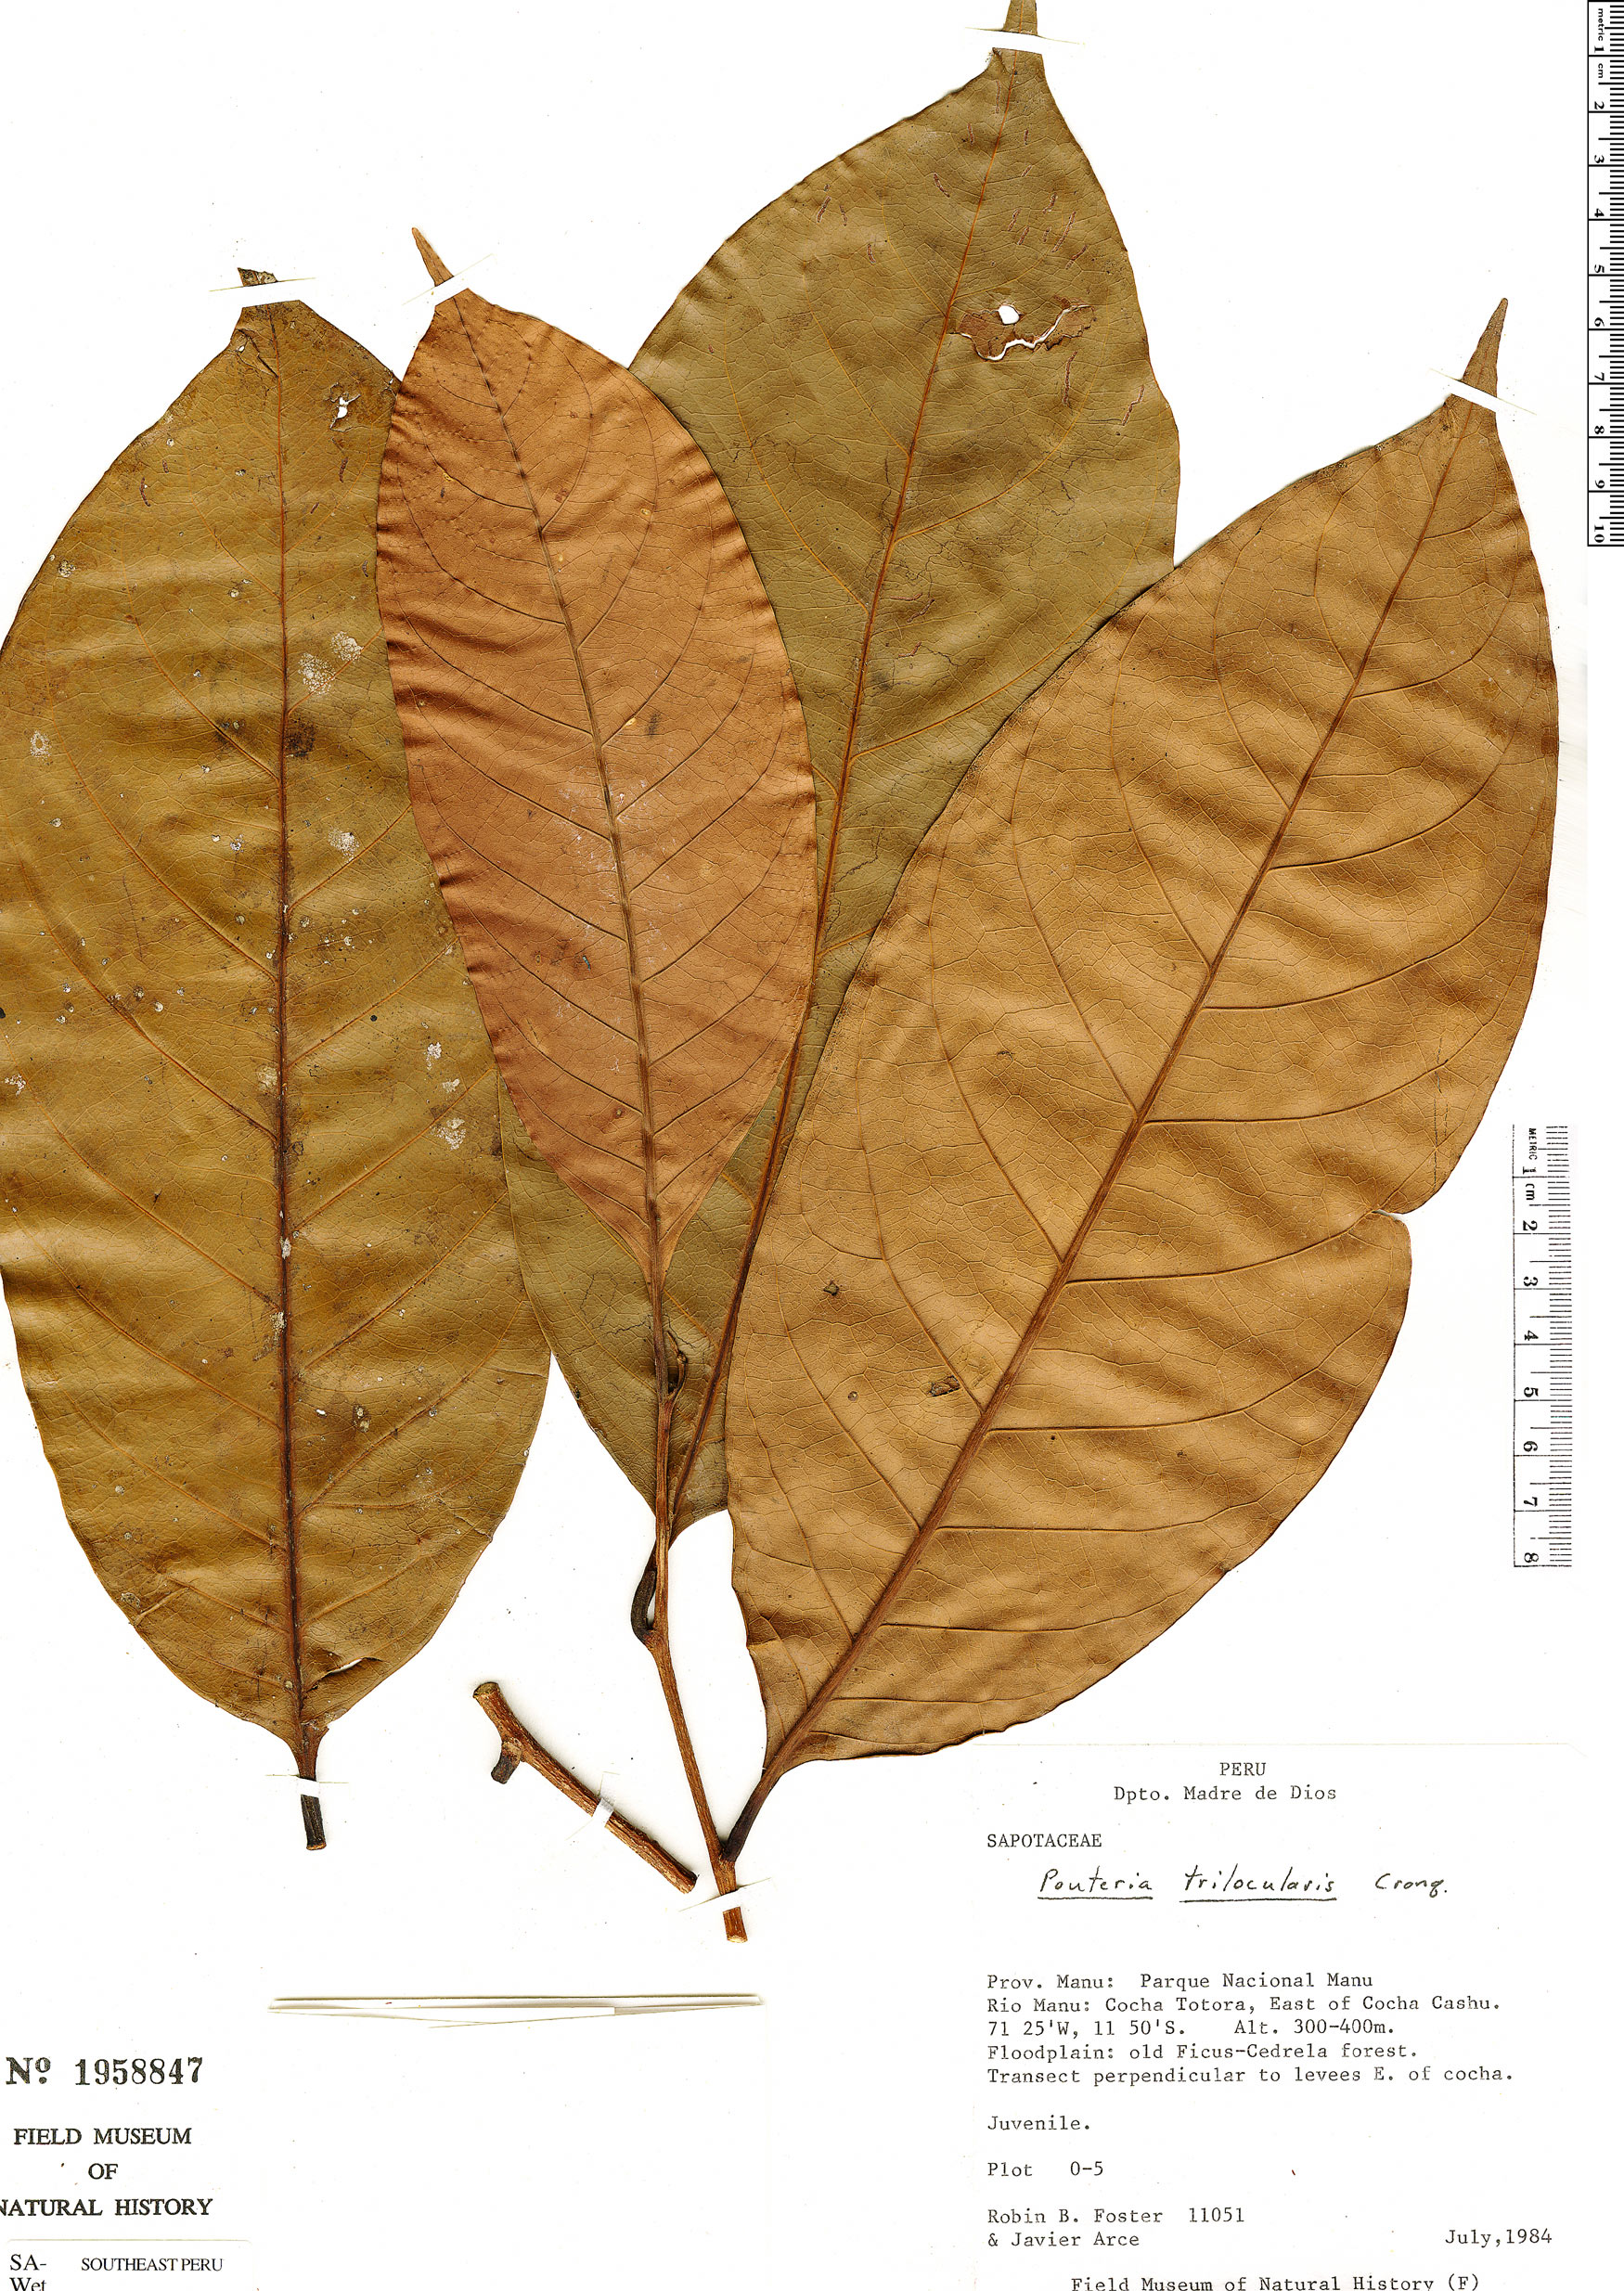 Specimen: Pouteria trilocularis